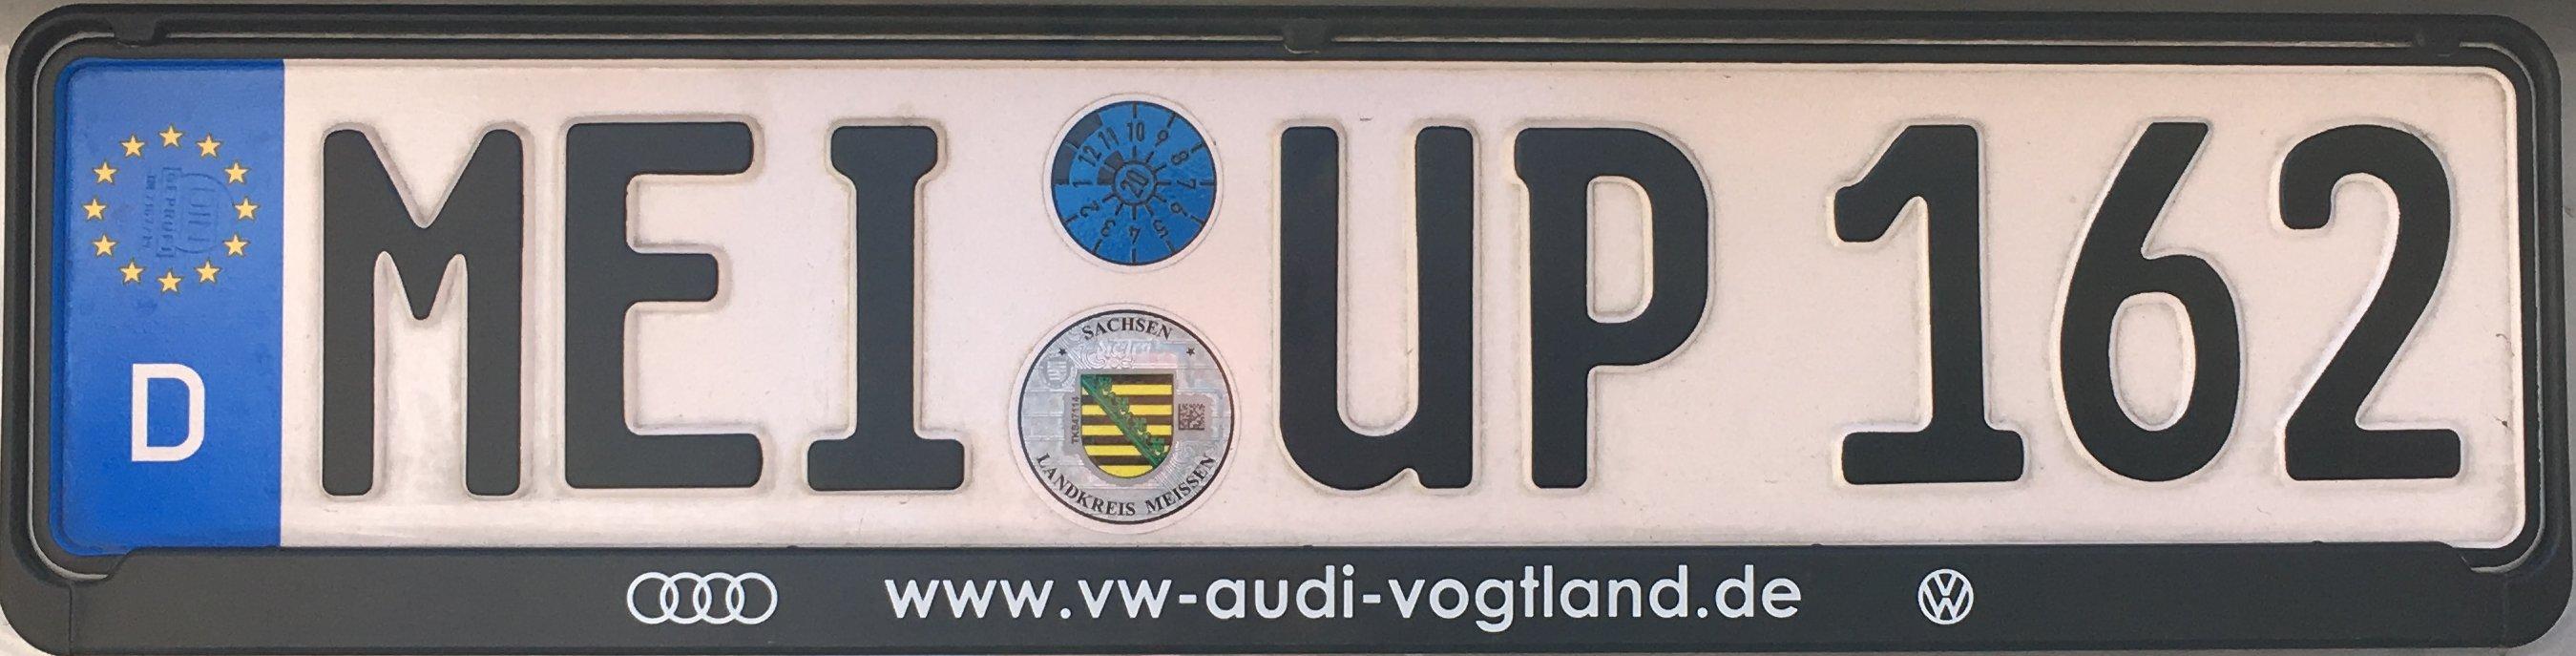 Registrační značky Německo - MEI - Meissen, foto: podalnici.cz